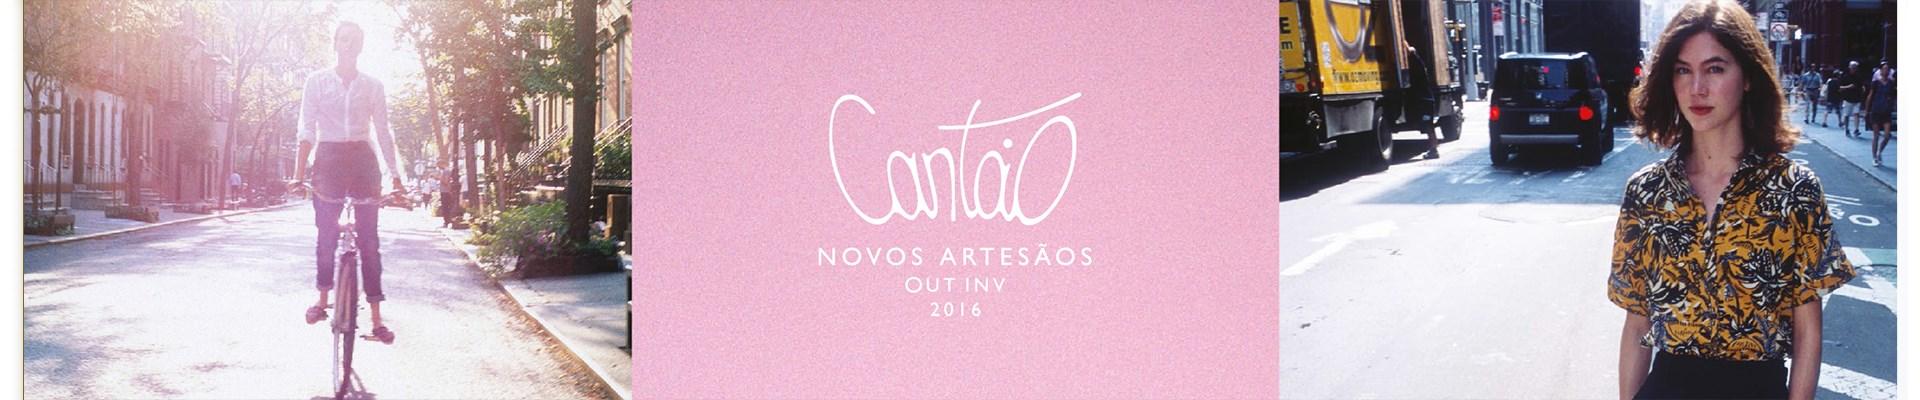 Cantão - Novos Artesão 2016